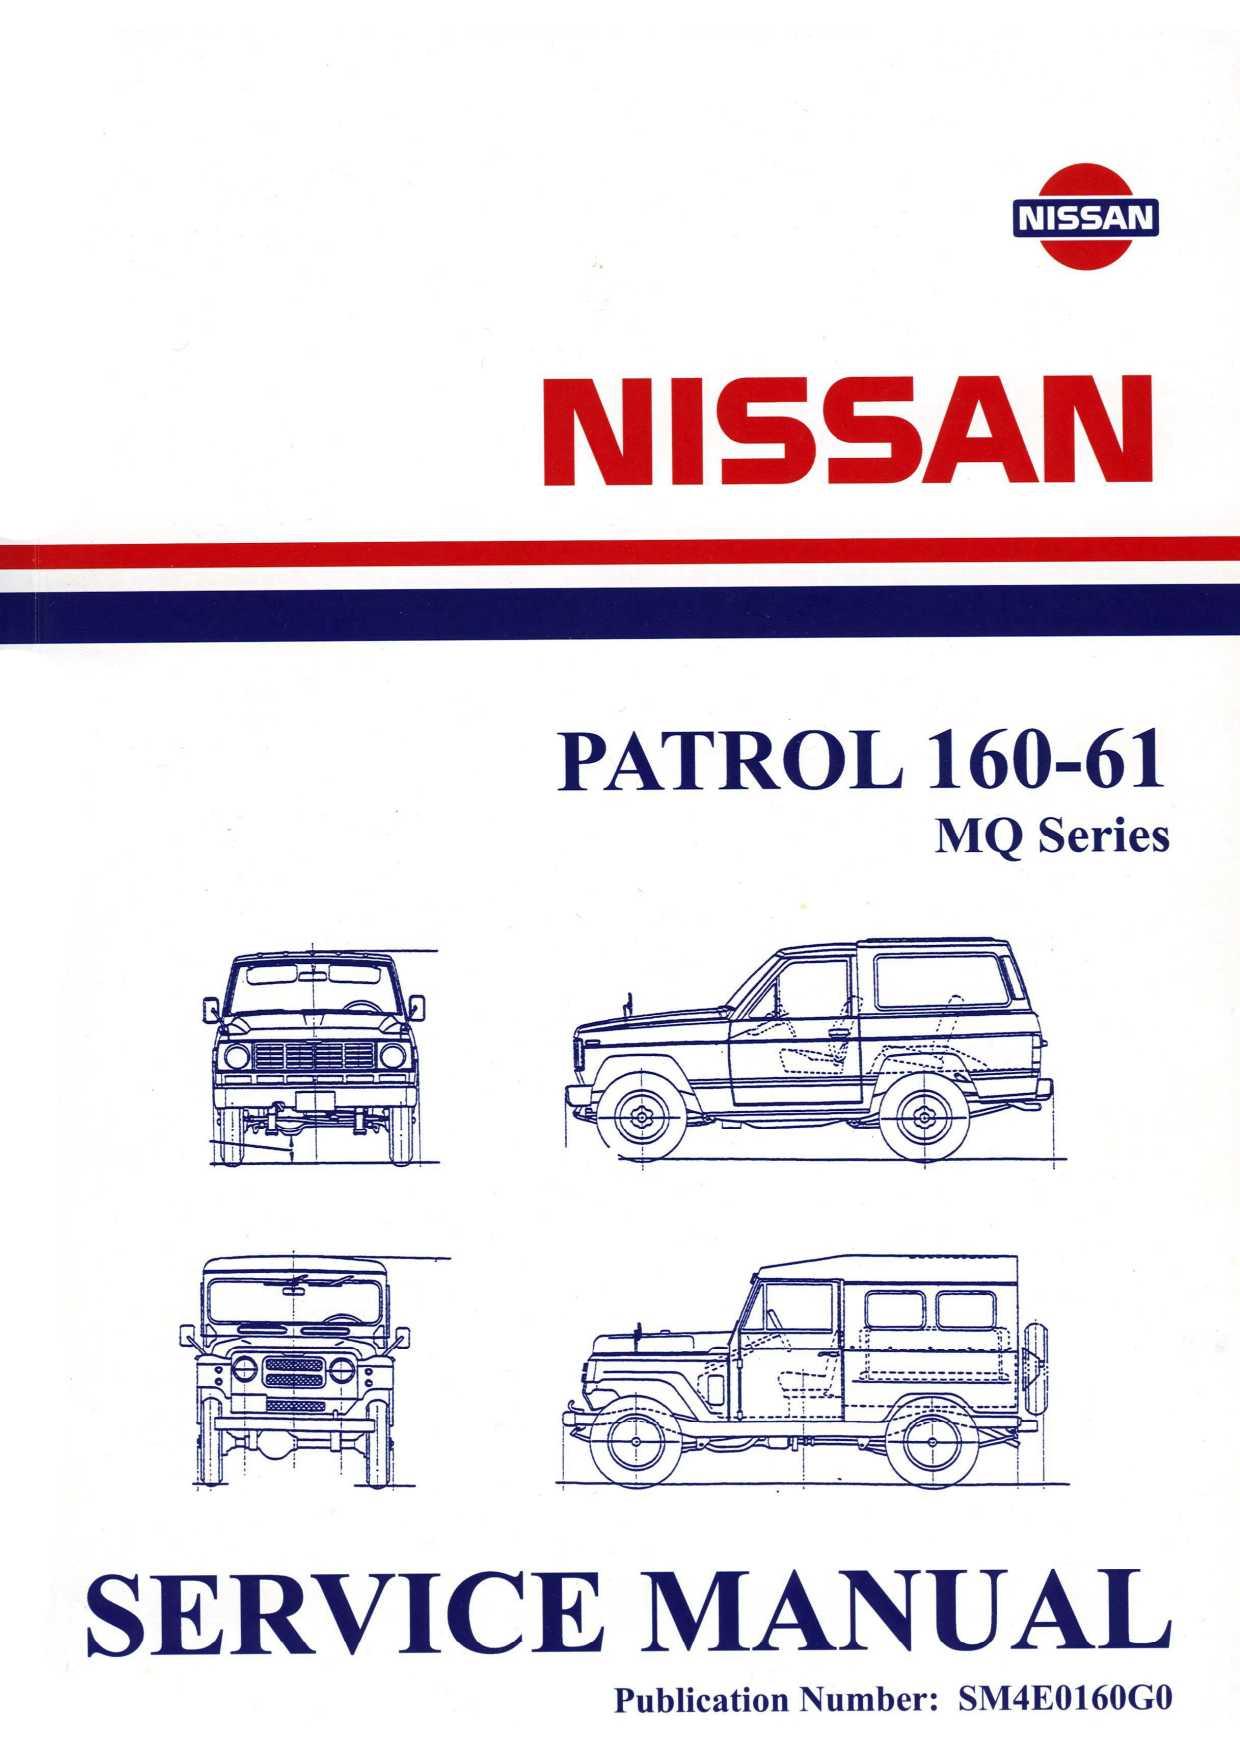 mq service manual 1980 mq patrol com rh mq patrol com nissan patrol service manual y61 nissan patrol service manual